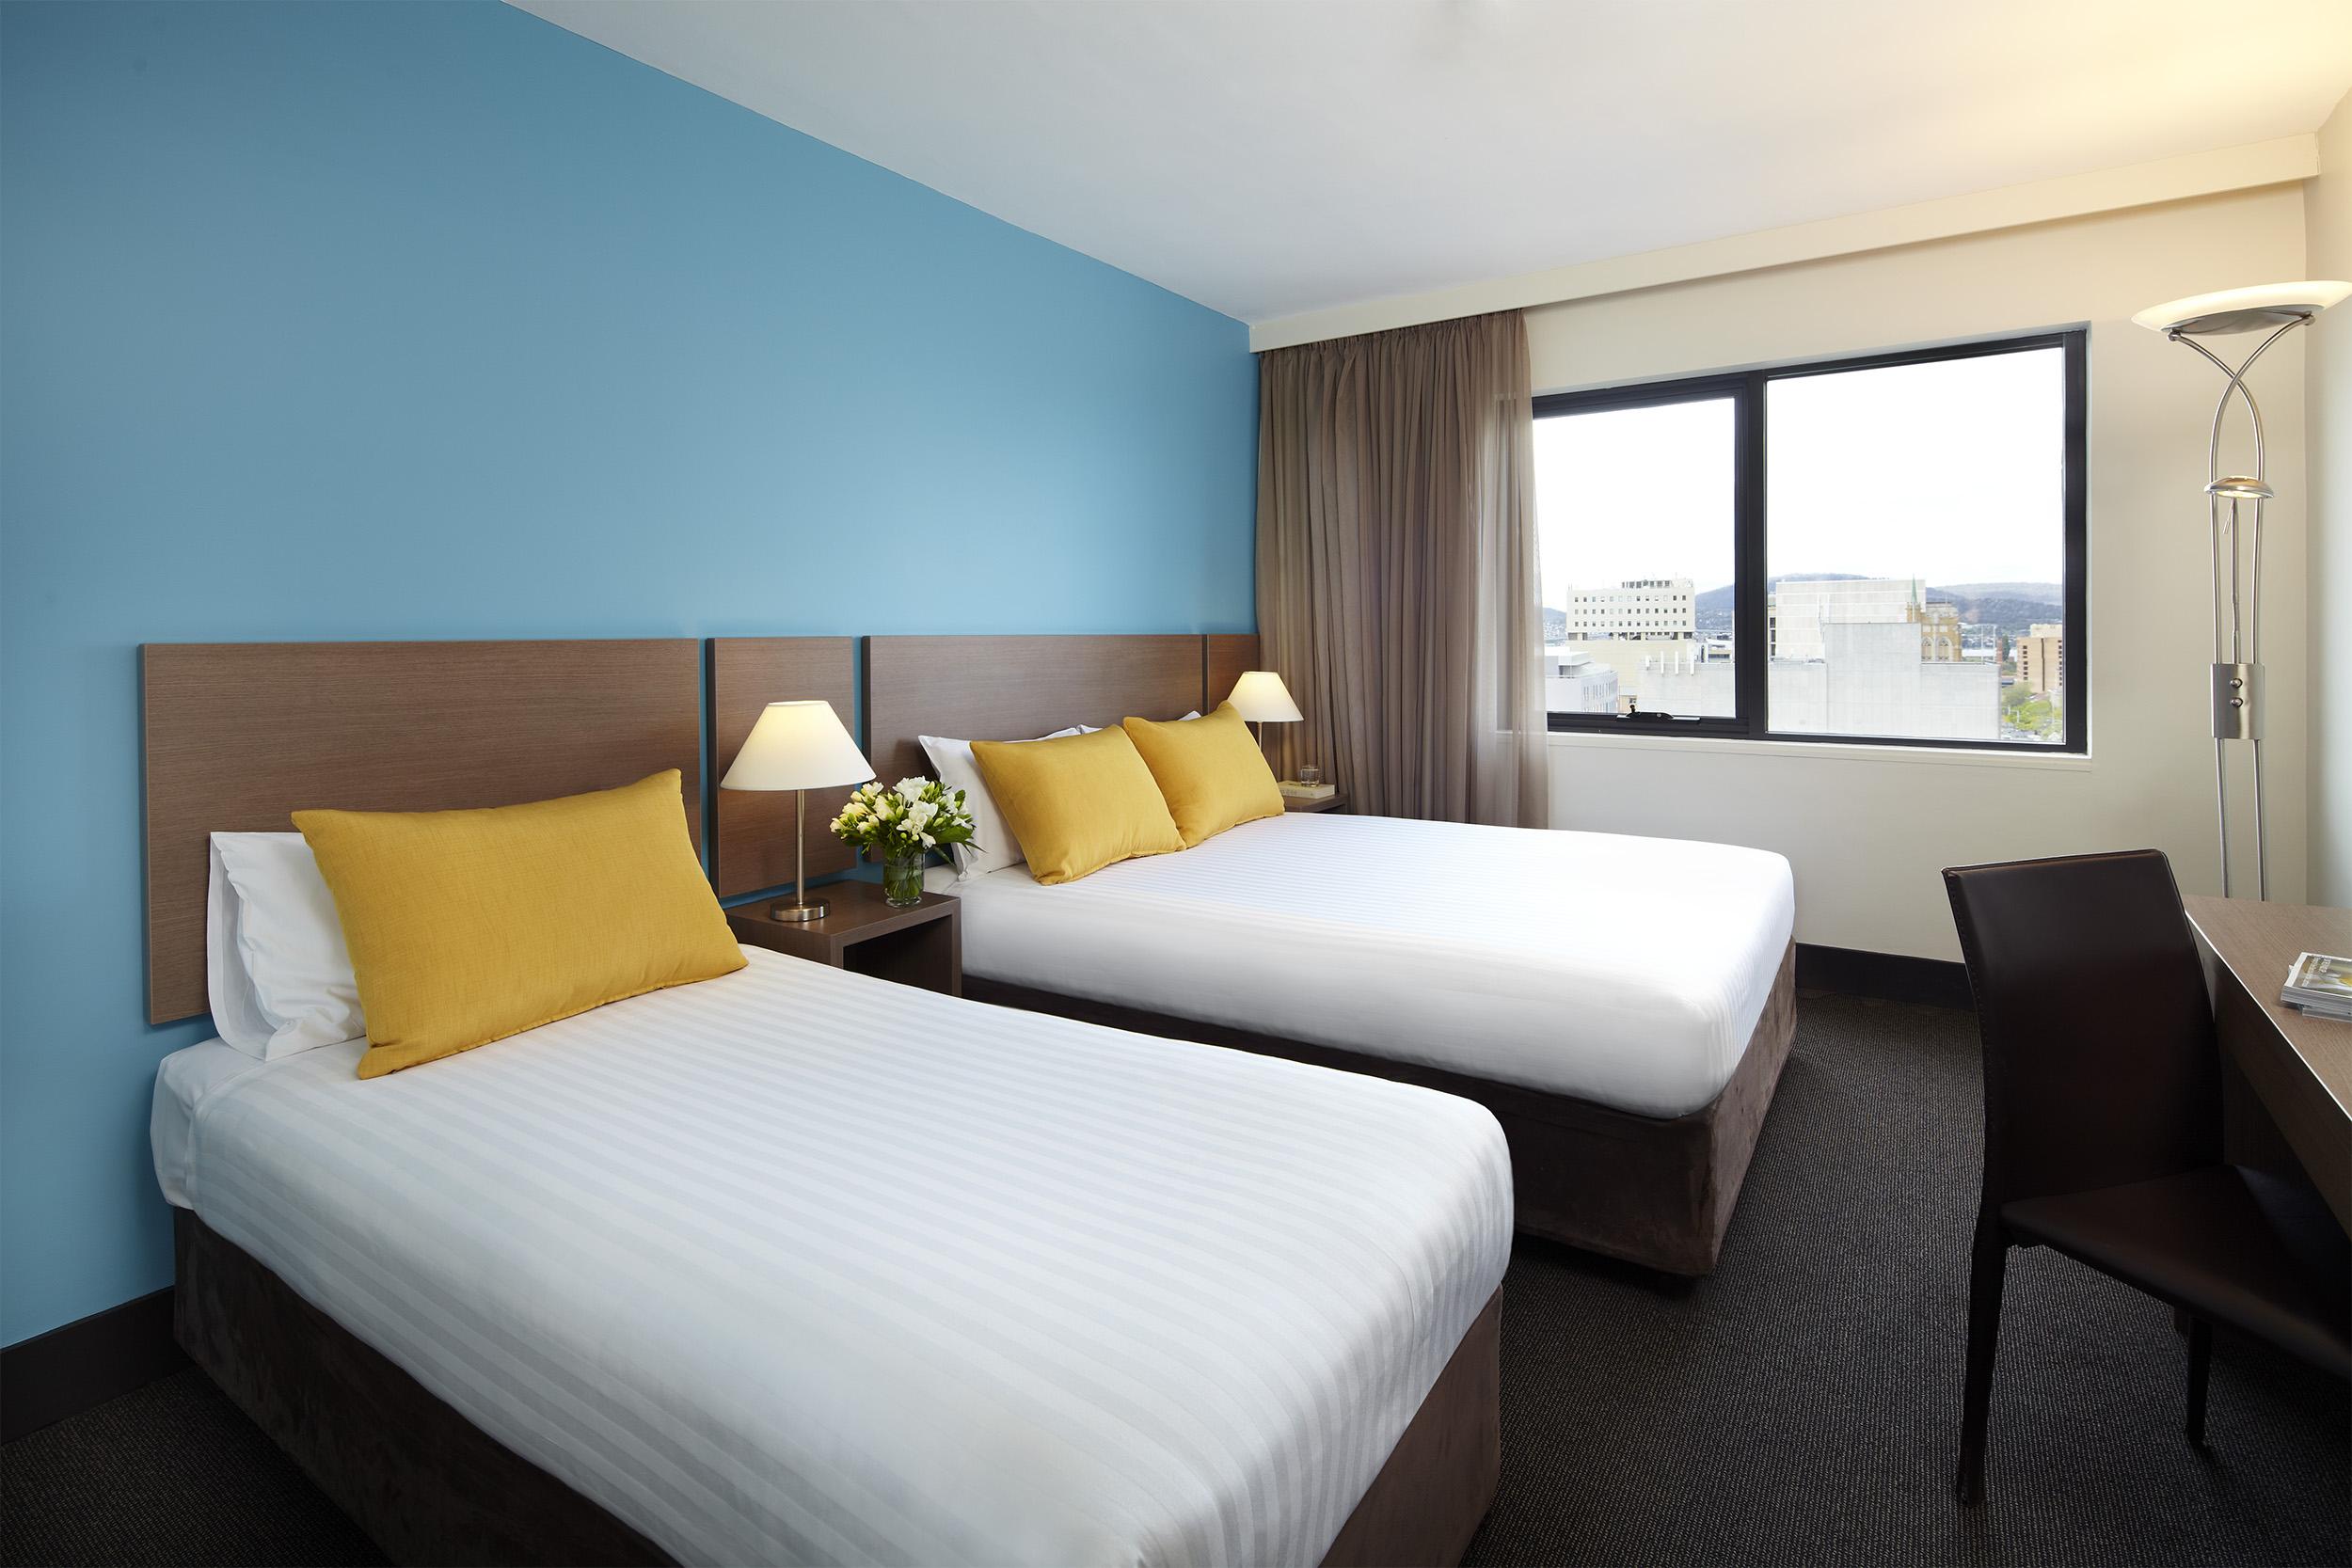 travelodge-hobart-hotel-standard-twin-1-2013